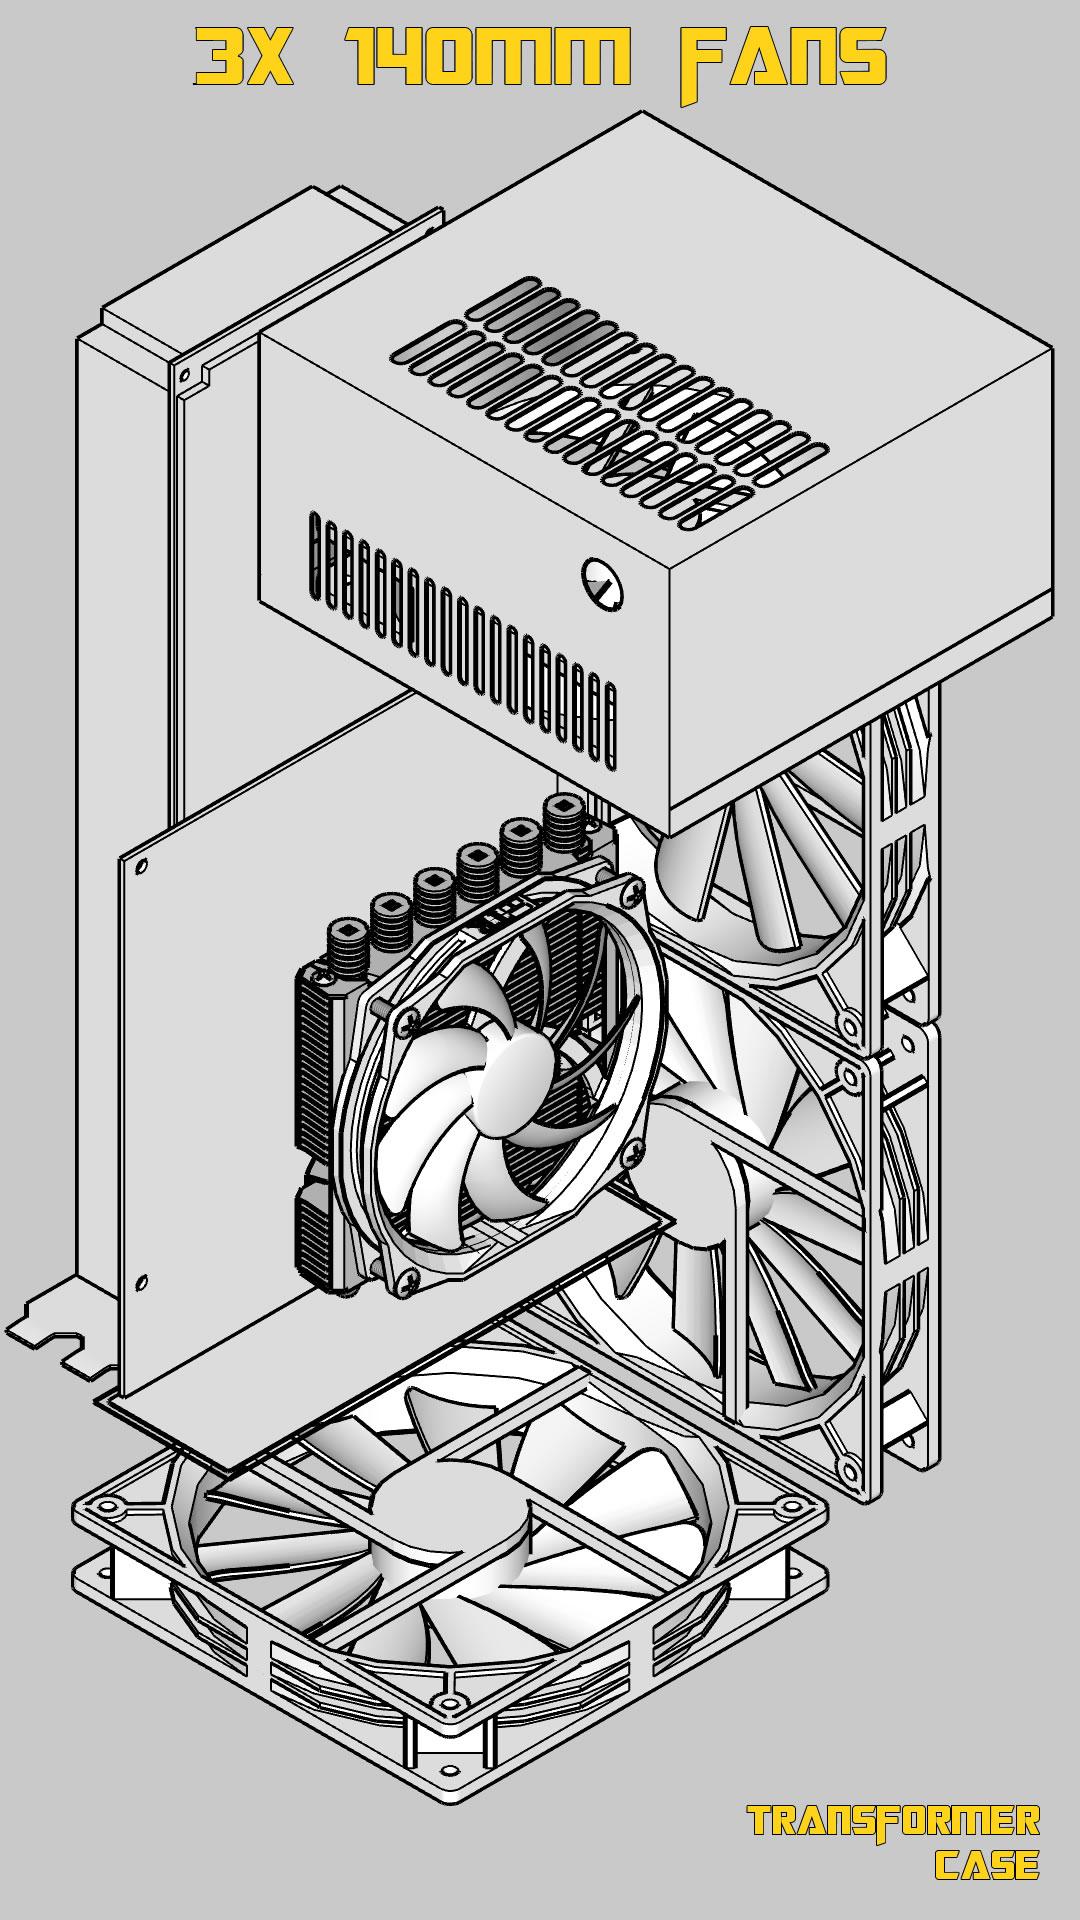 140mm-fan-cooling-isometric.jpg